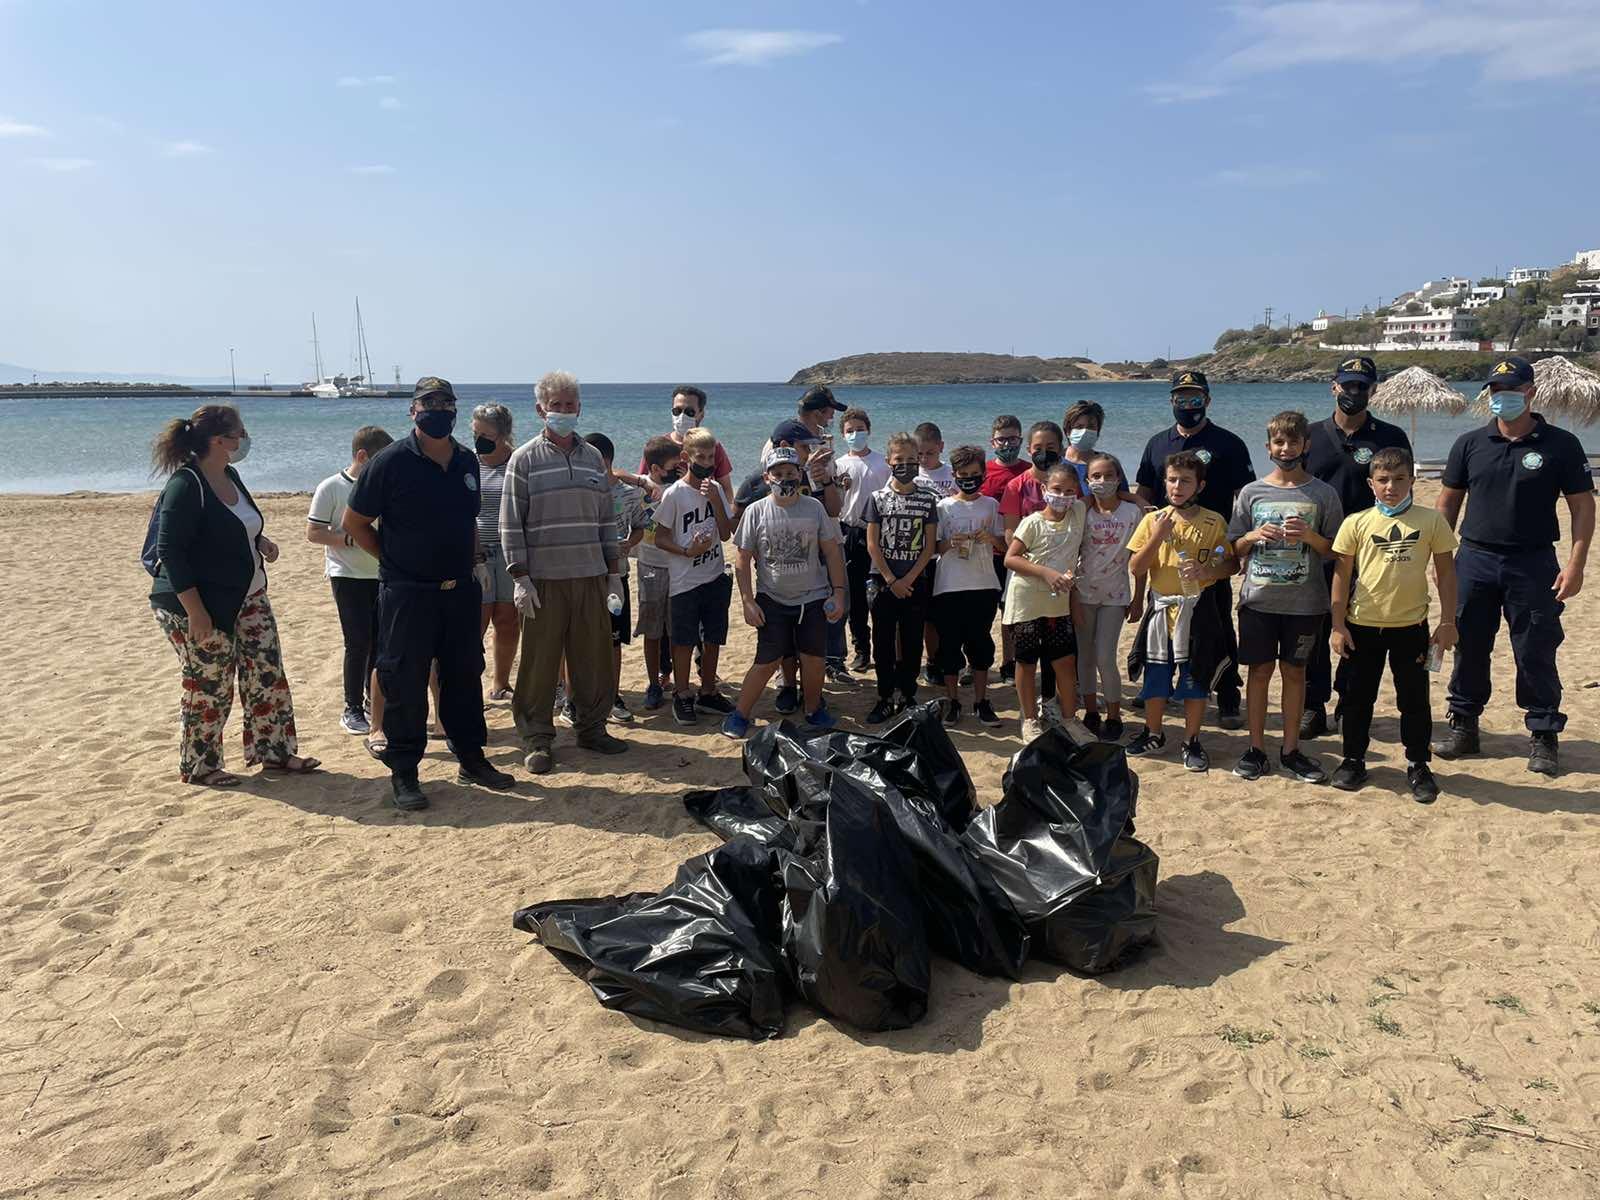 Λιμεναρχείο Άνδρου: Περιβαλλοντική δράση για την προστασία του θαλάσσιου περιβάλλοντος